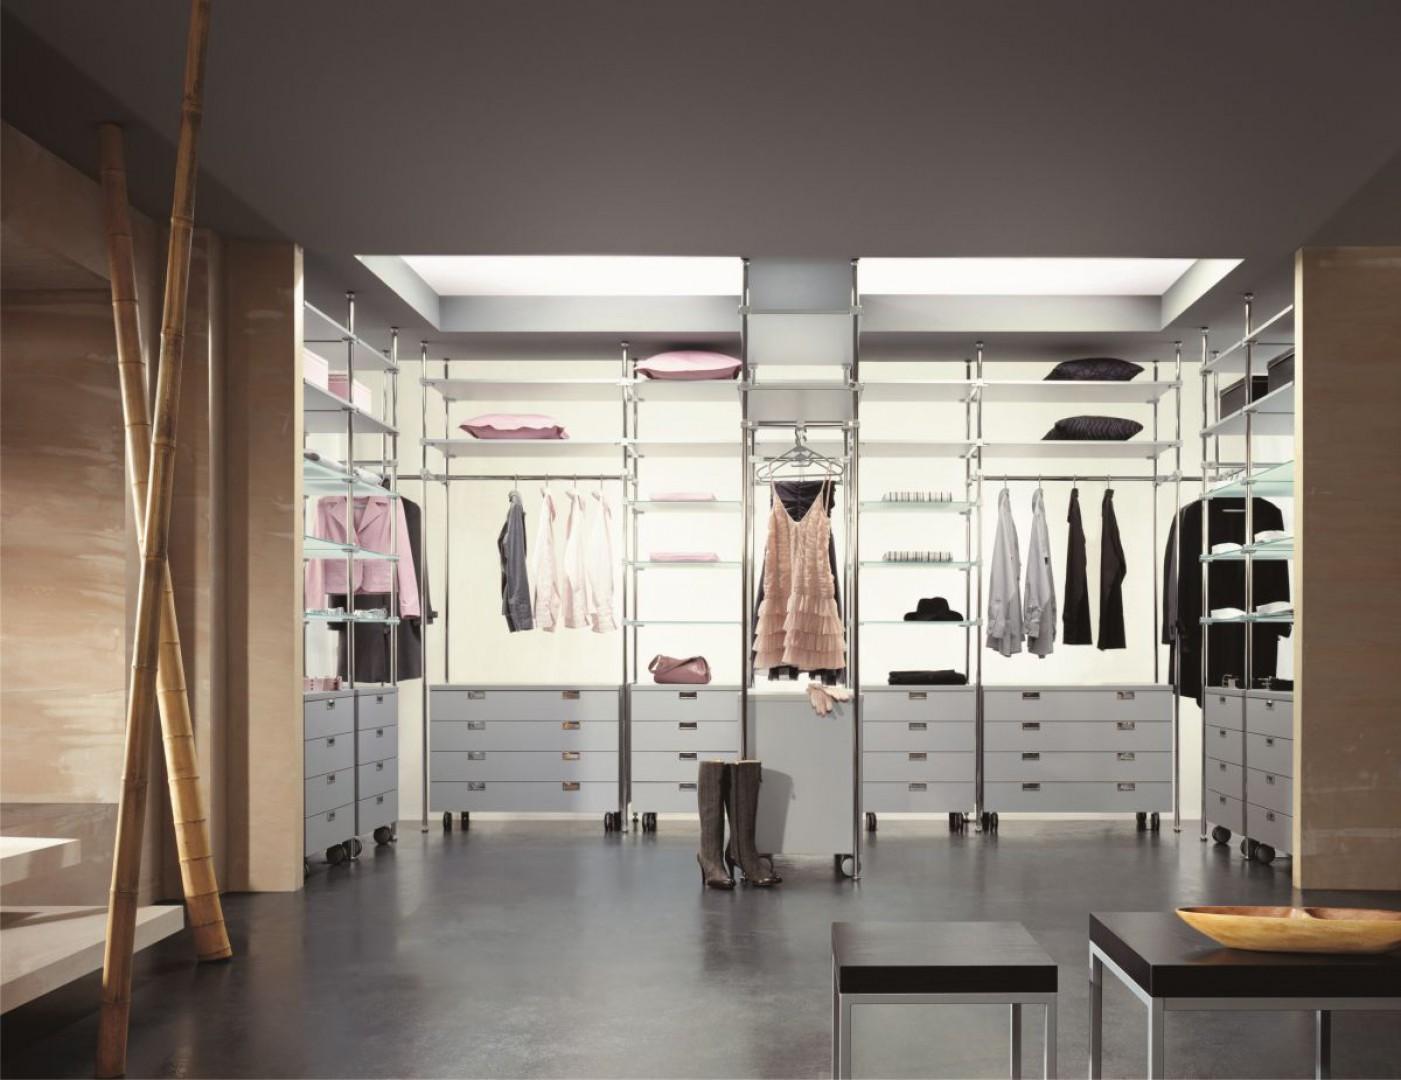 Otwarta garderoba jest rozwiązaniem funkcjonalnym i atrakcyjnym wizualnie. Fot. Komandor